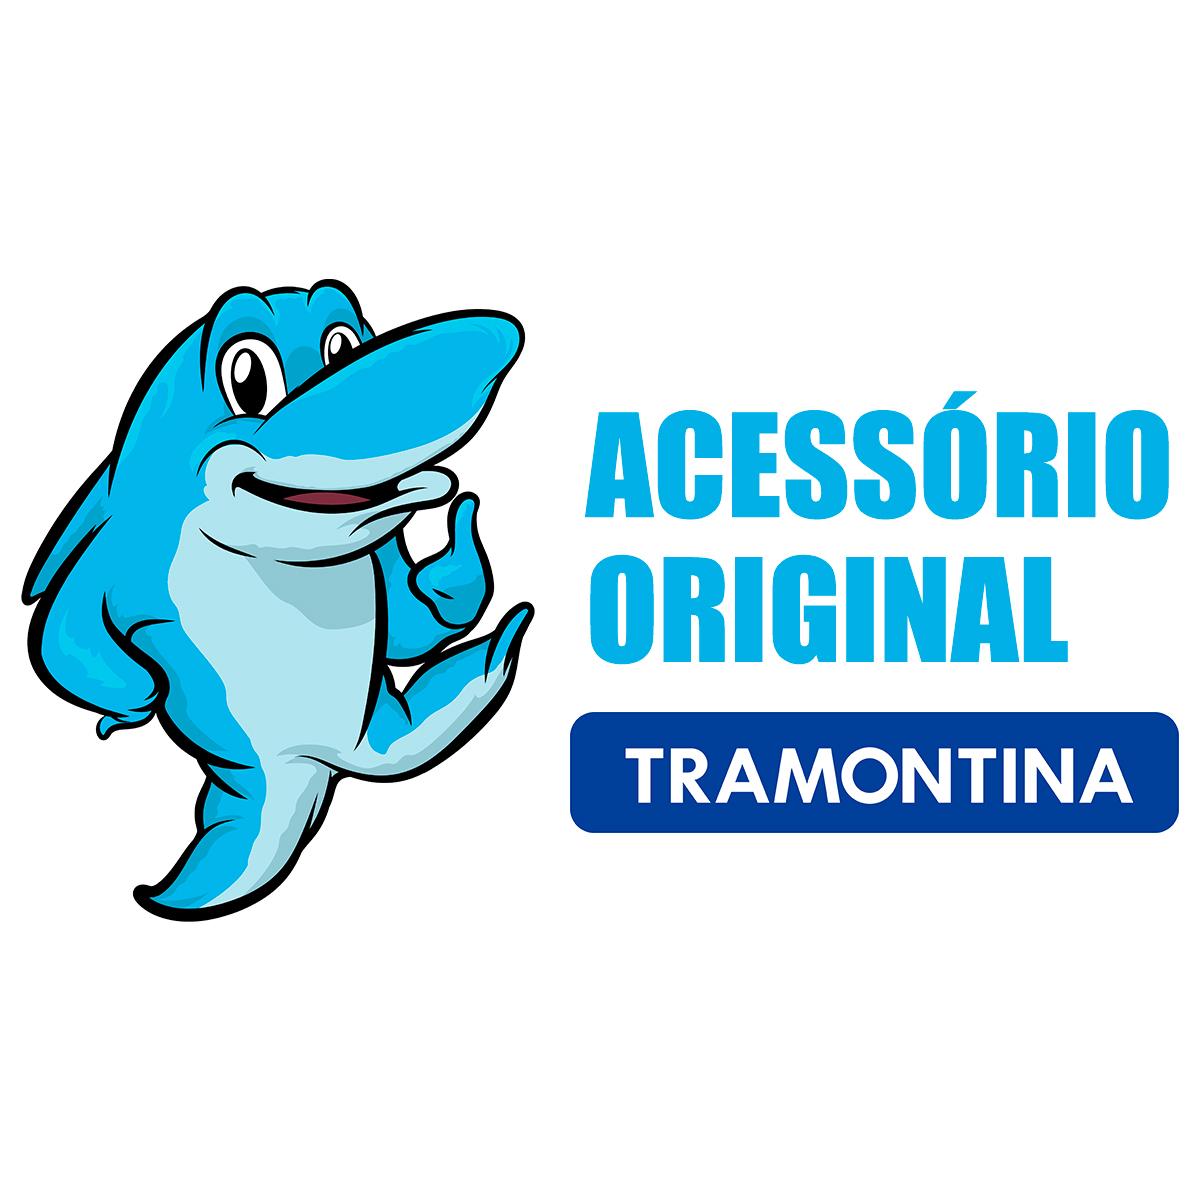 Mangueira para Lavadora Tramontina 1500psi 1200w, 1600psi 1400w com 3 metros Original